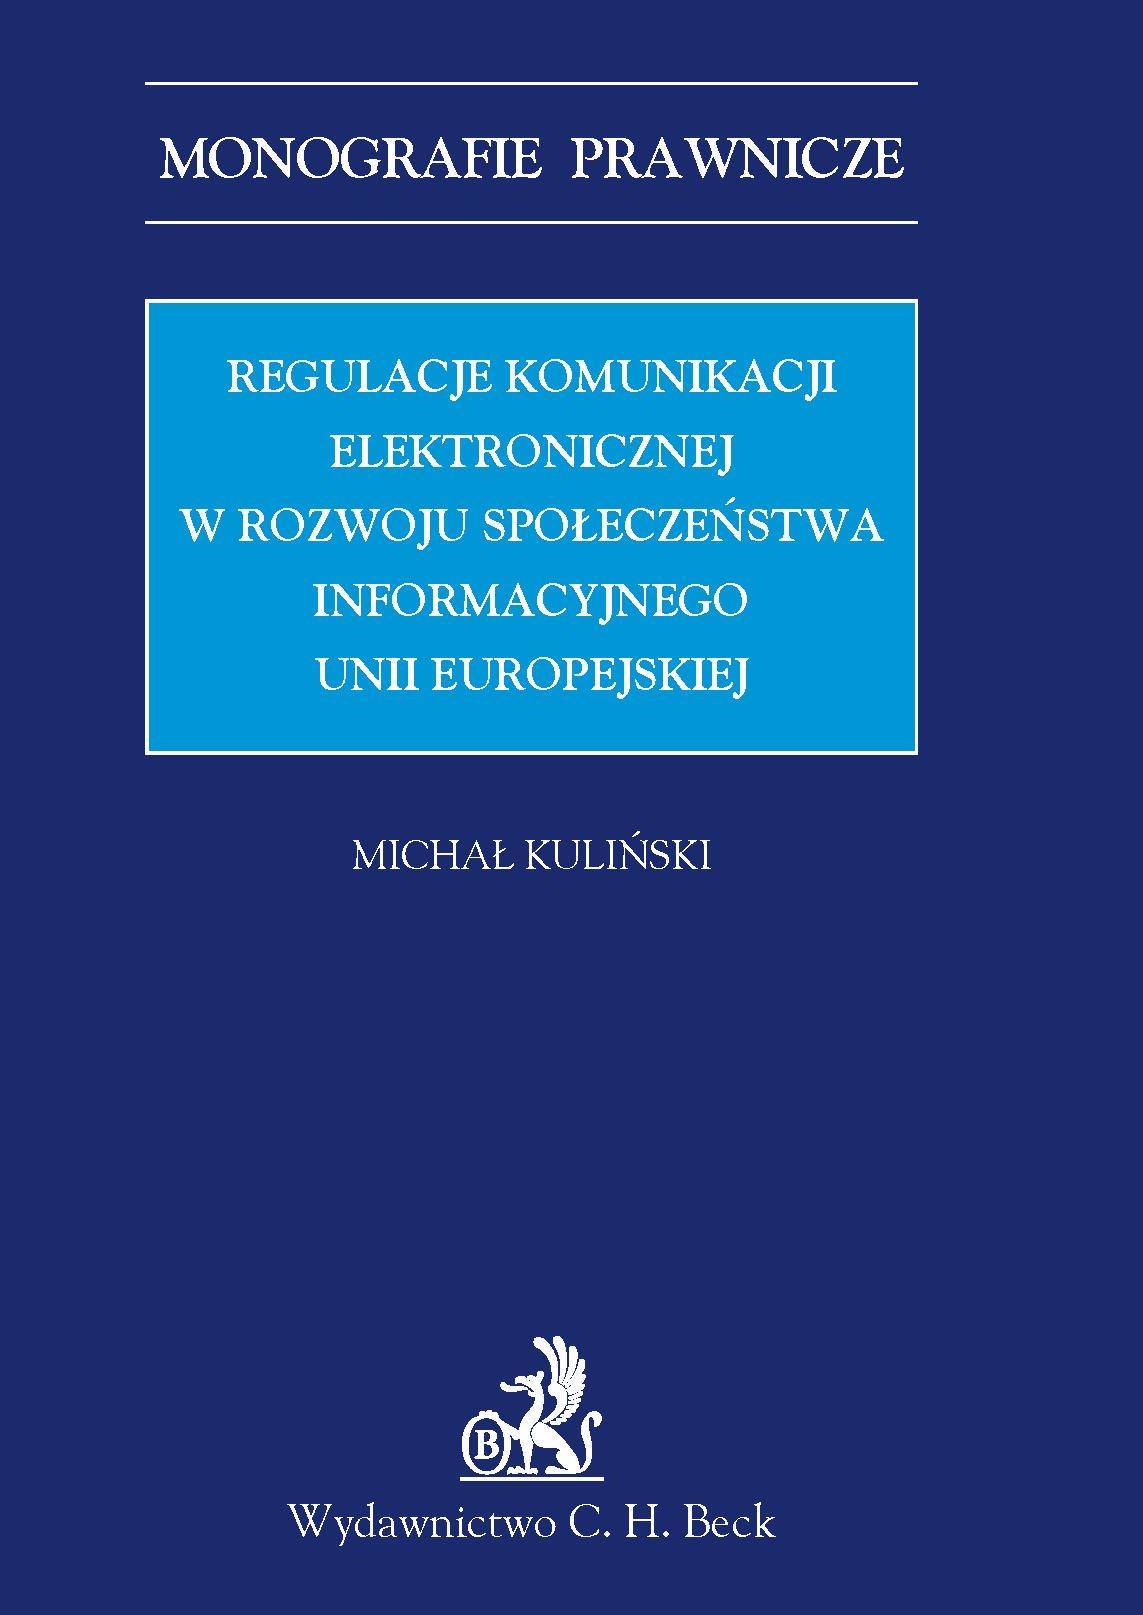 Regulacje komunikacji elektronicznej w rozwoju społeczeństwa informacyjnego Unii Europejskiej - Ebook (Książka PDF) do pobrania w formacie PDF